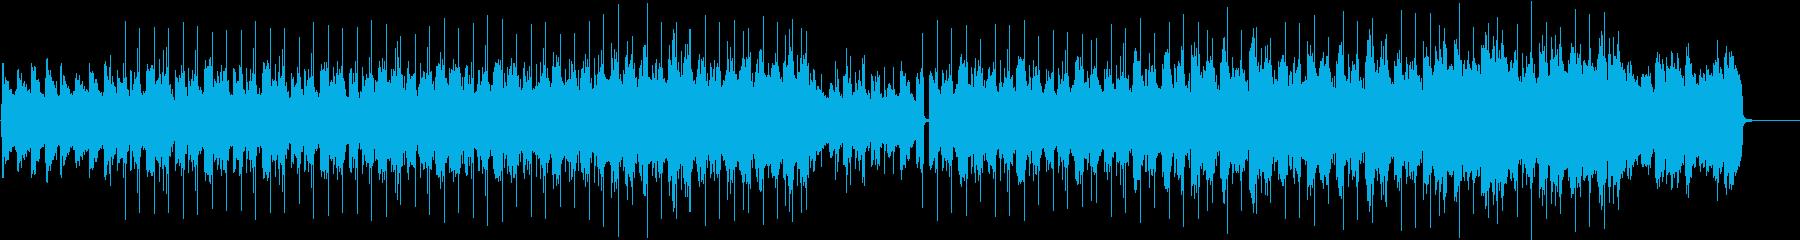 ほんのり切ないチルアウトの再生済みの波形